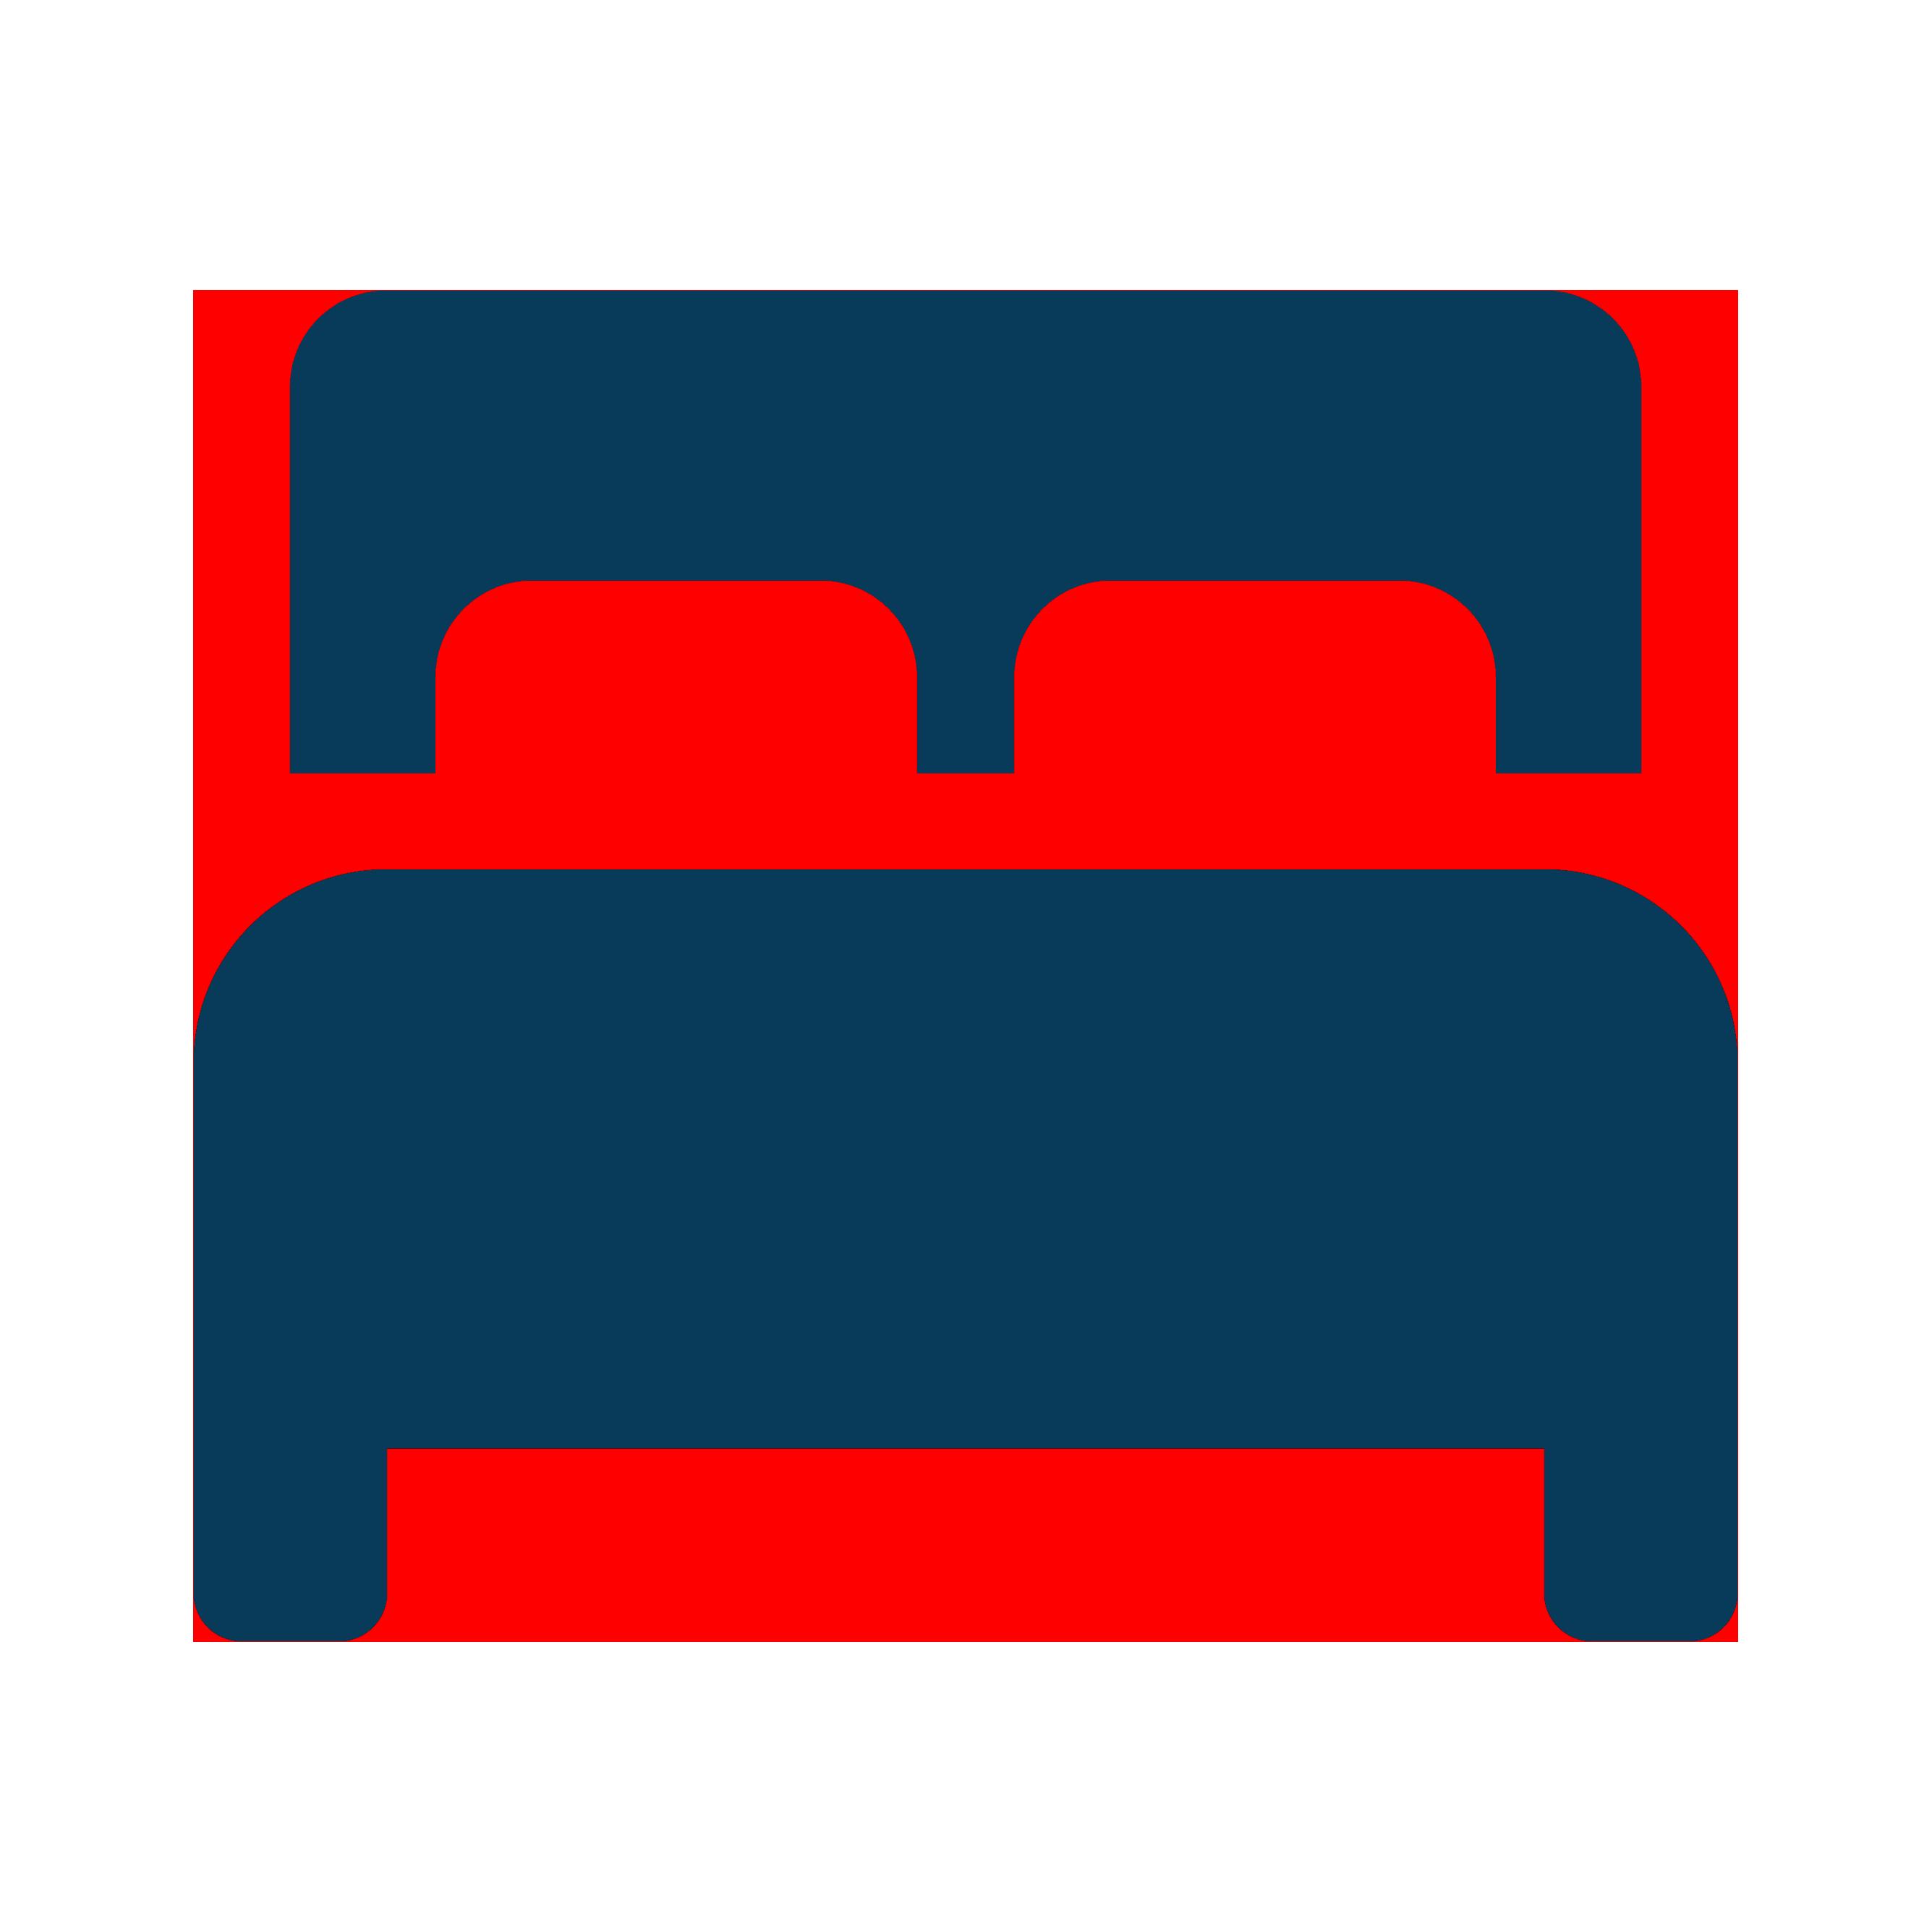 Comfy Microfiber Duvets & Pillows